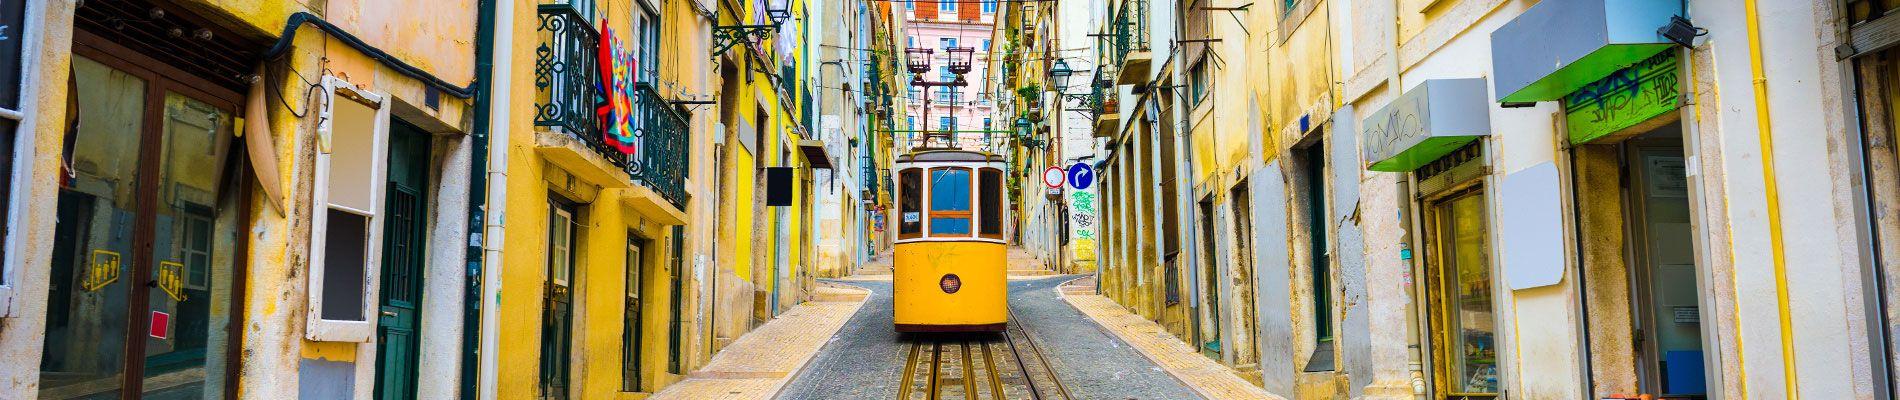 portugal-lisbonne-centre-historique-st